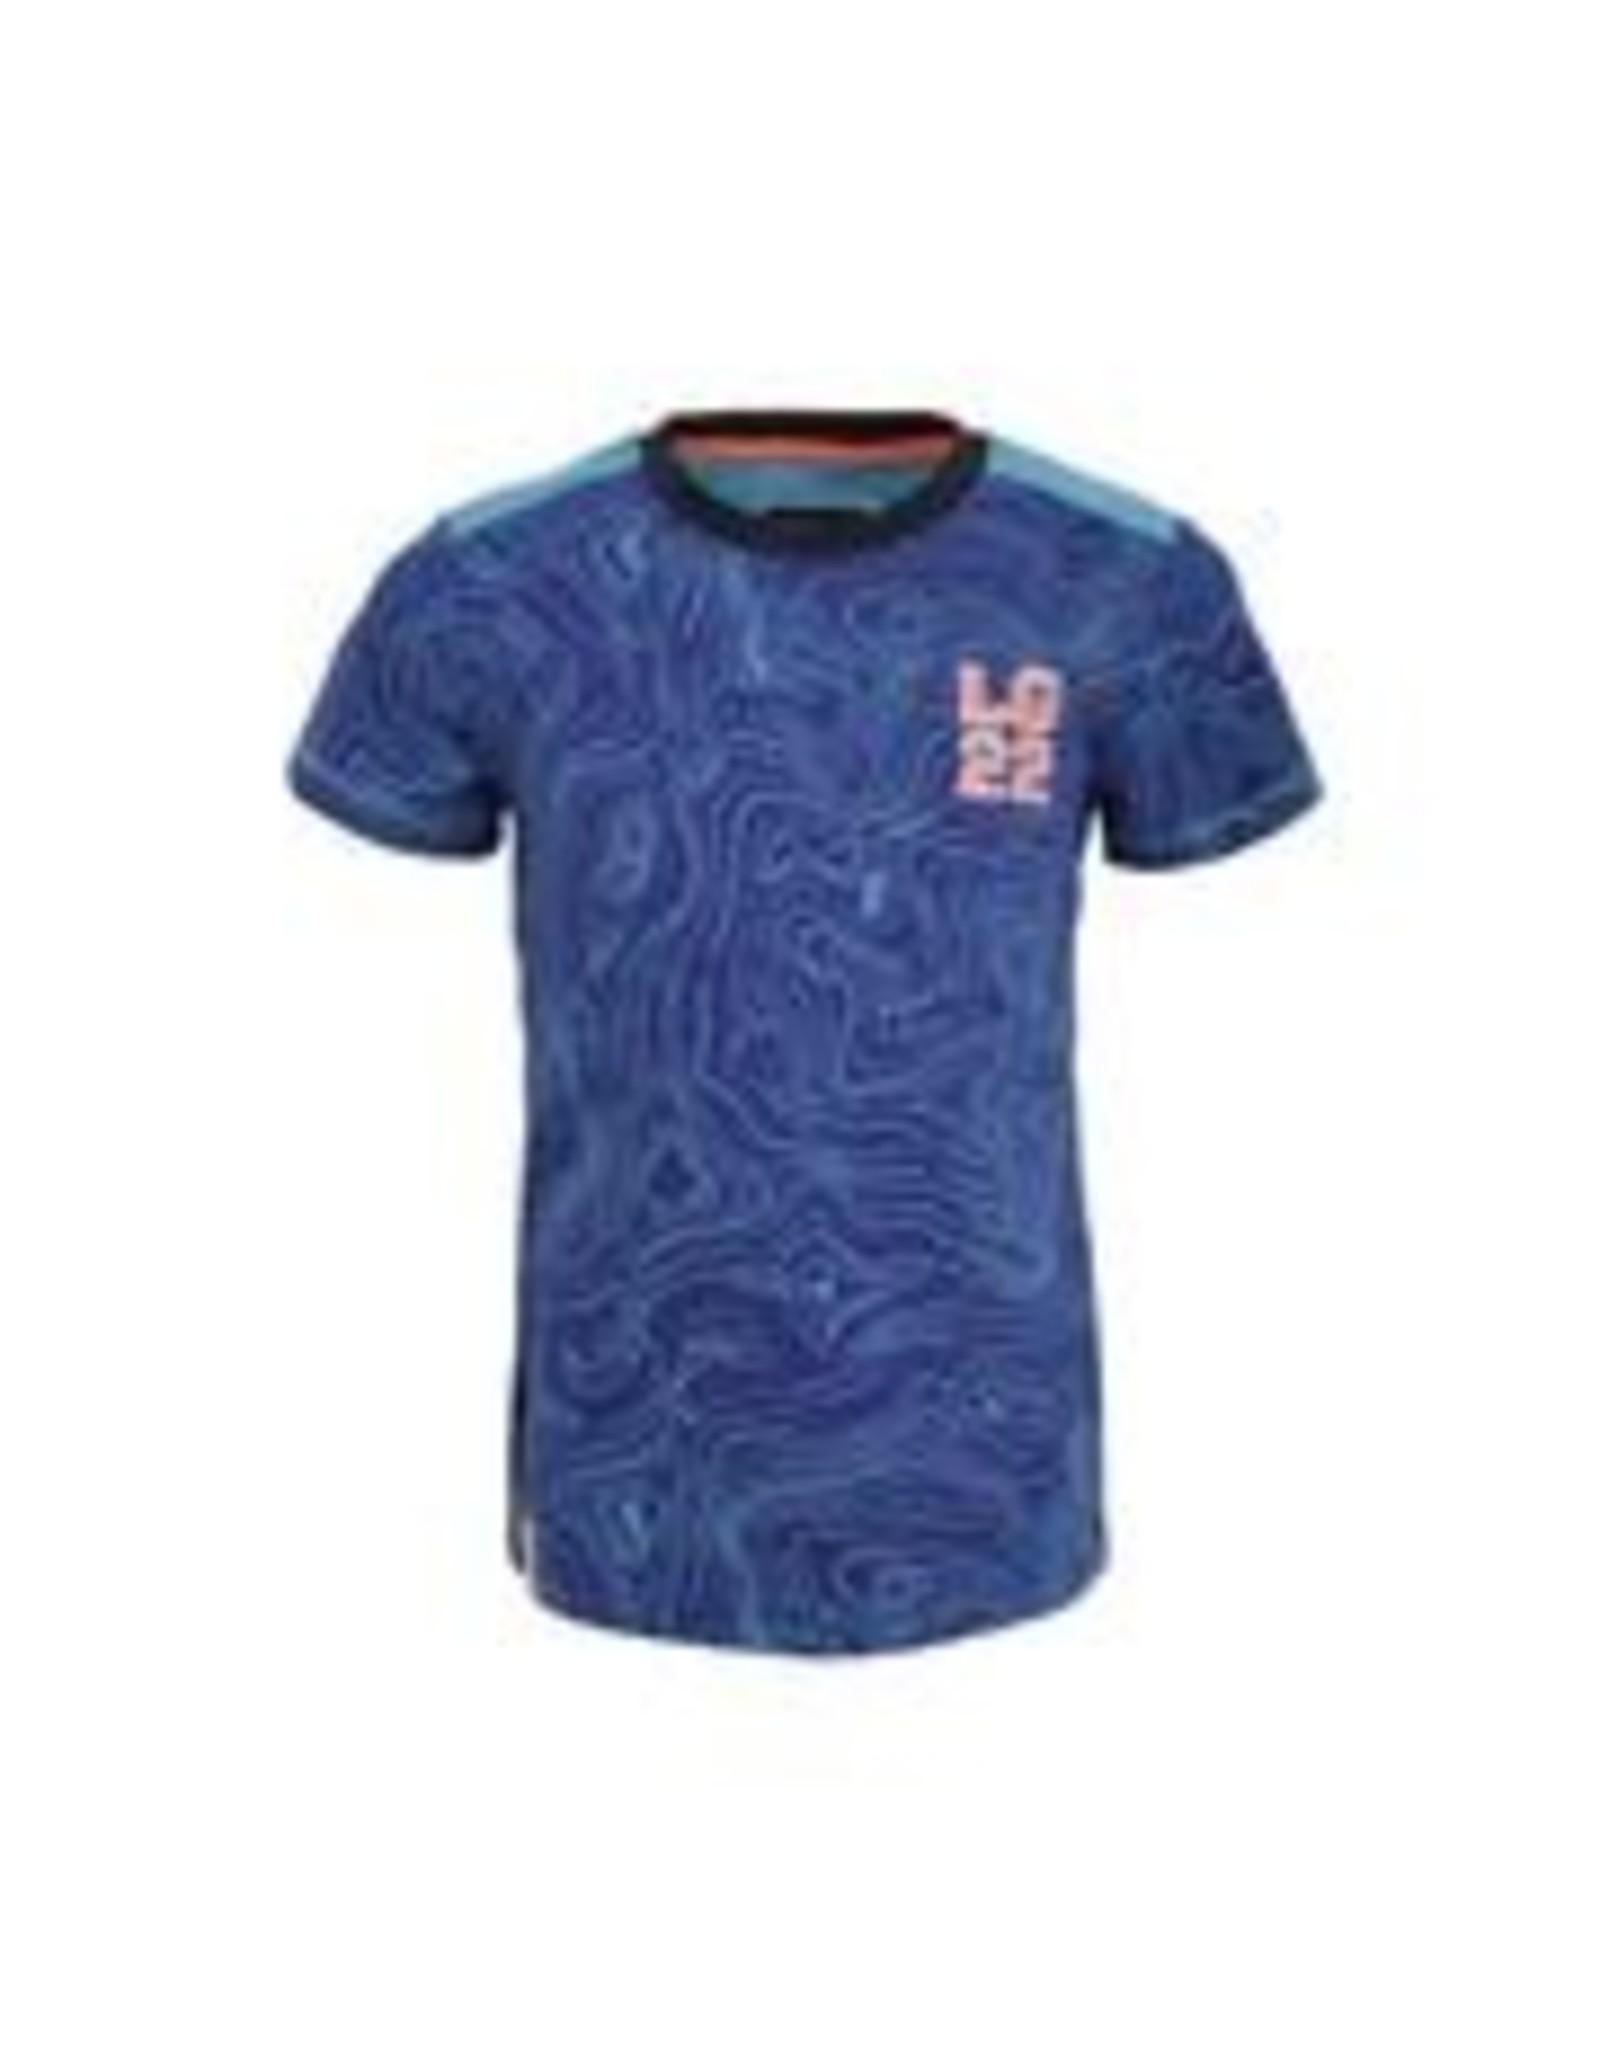 Legends T-shirt Owen Dark Blue